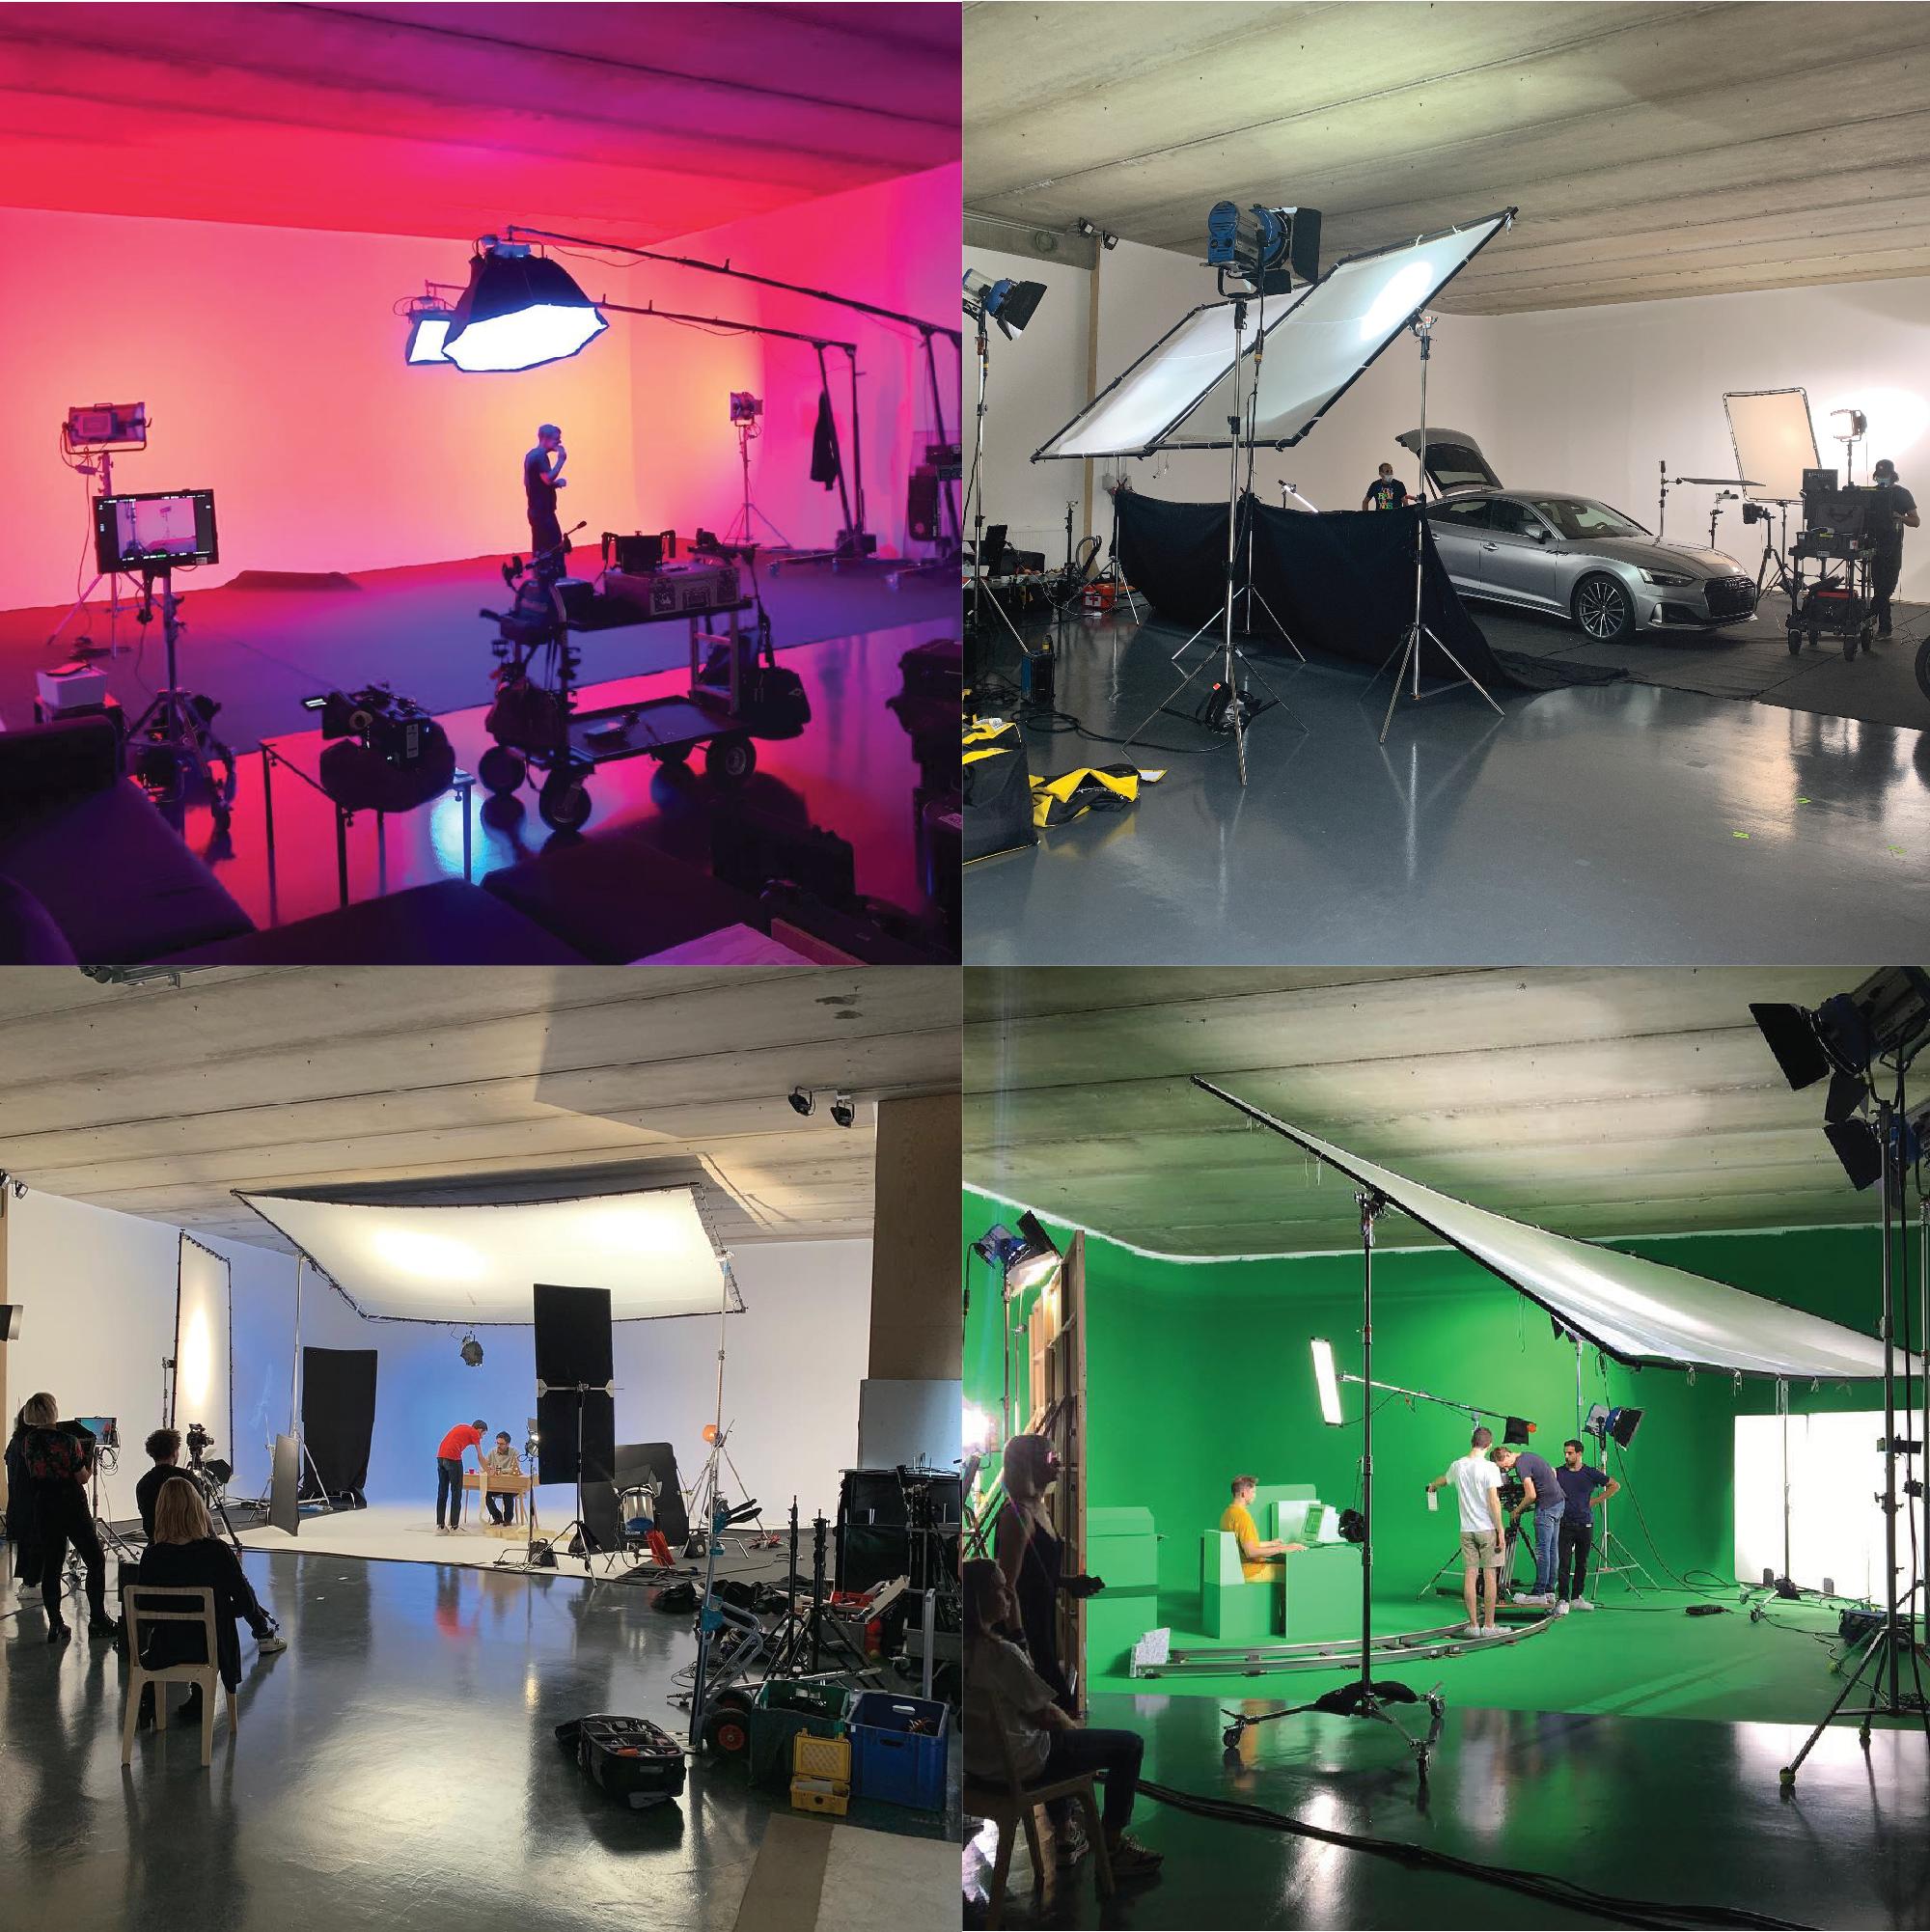 Studio 1 available to rent / verhuur / location at 50.8 Studio • Belgïe, Belgique, Belgium, Huur, Location, Louer, Photo, Rent, Rental, Studio, Verhuur, Video